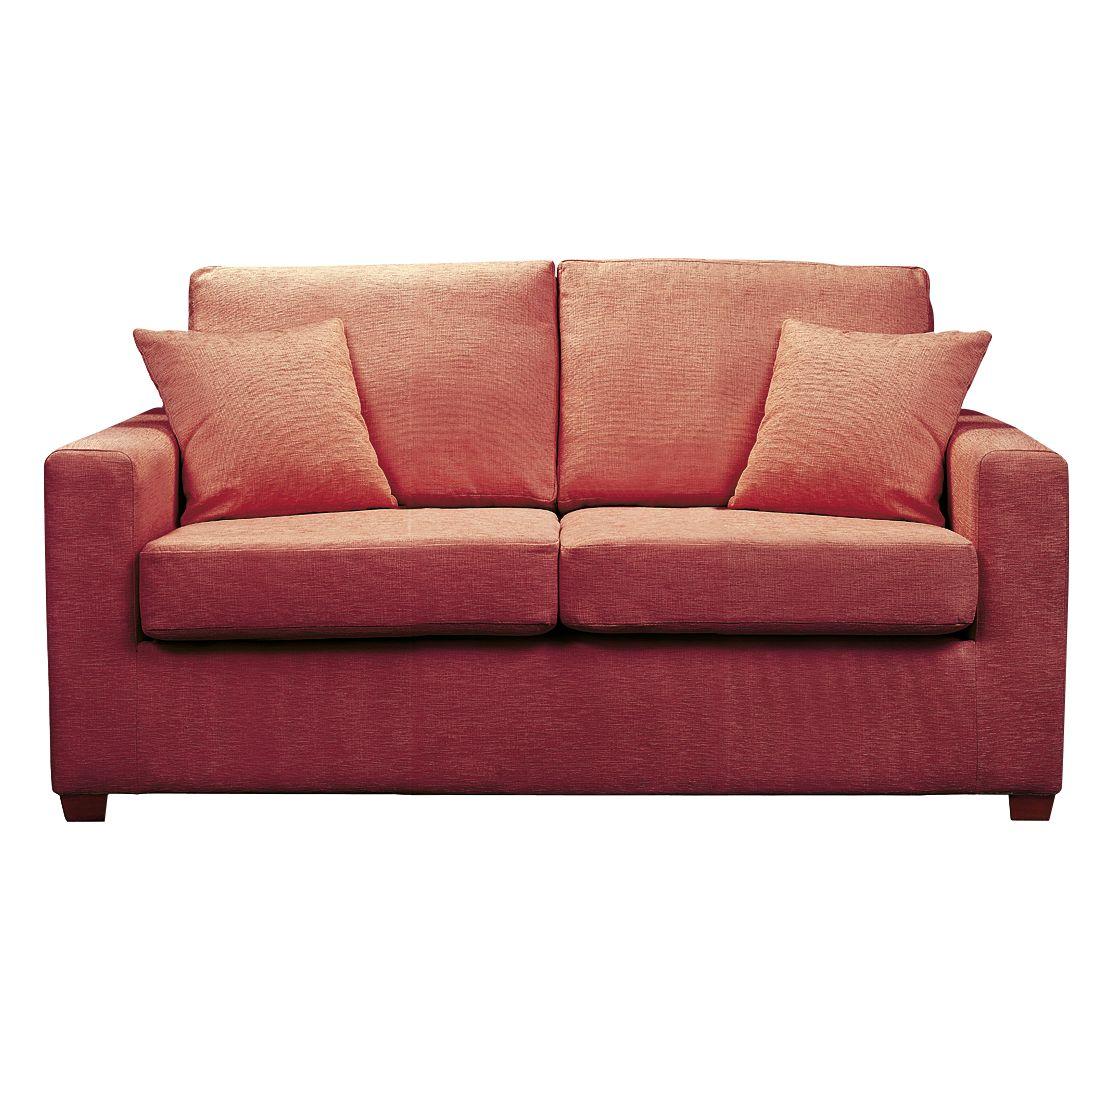 John Lewis Ravel Medium Sofa Bed, Red at John Lewis